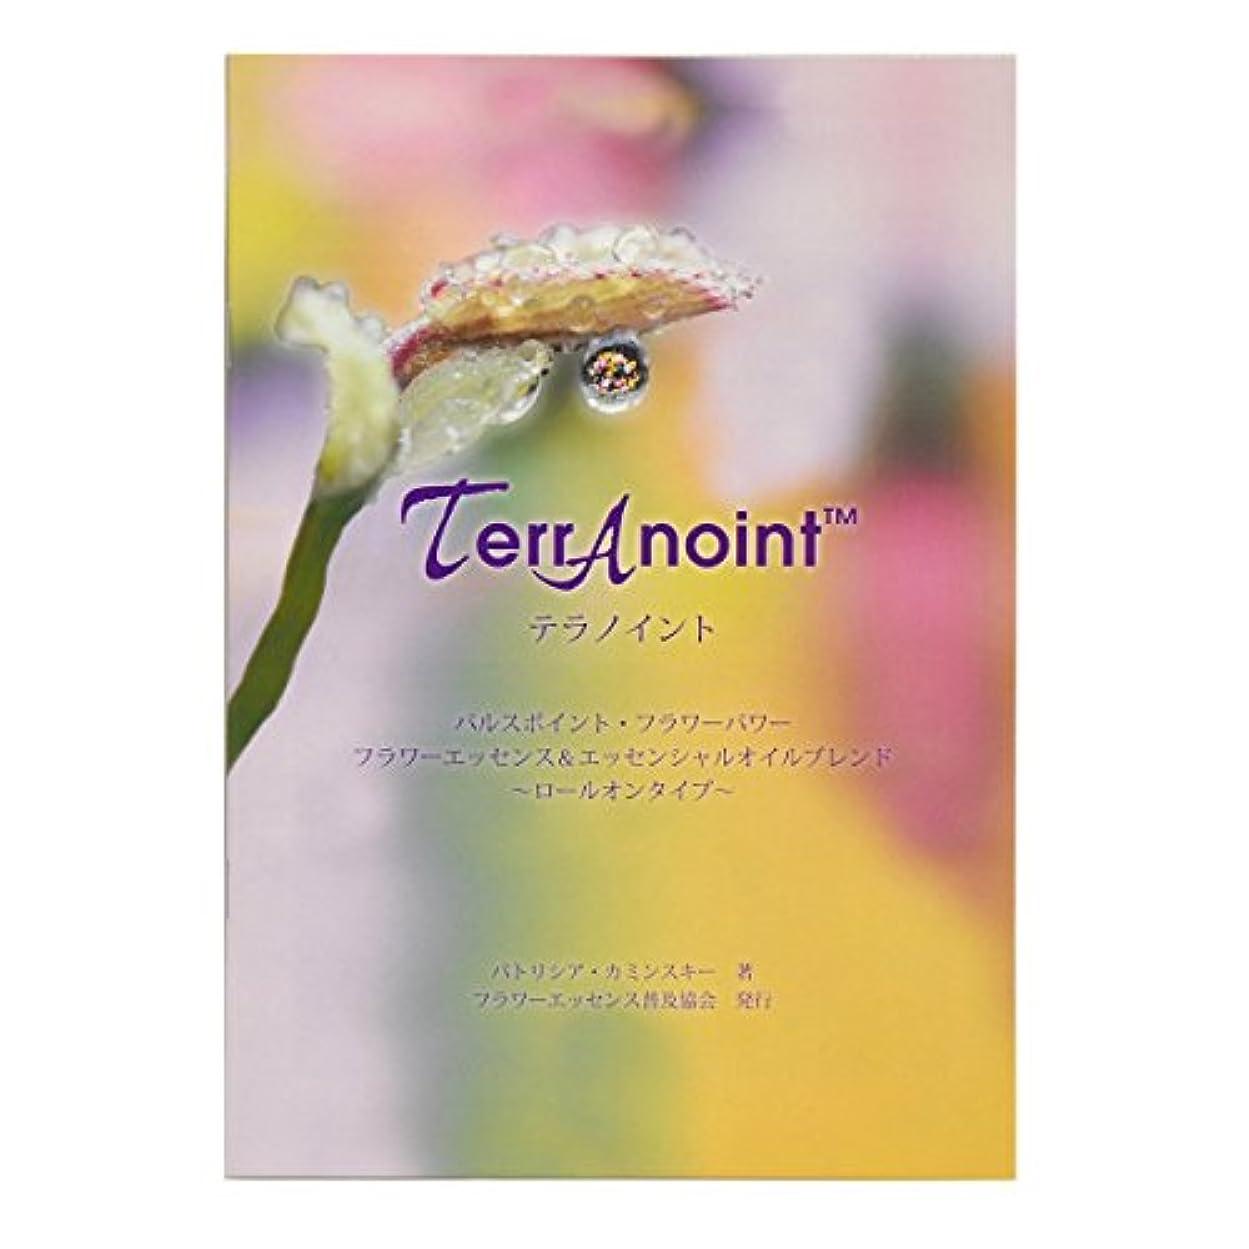 先生会議終了するFES テラノイント ロールオン 解説小冊子 (Flower Essence Services) 日本国内正規品